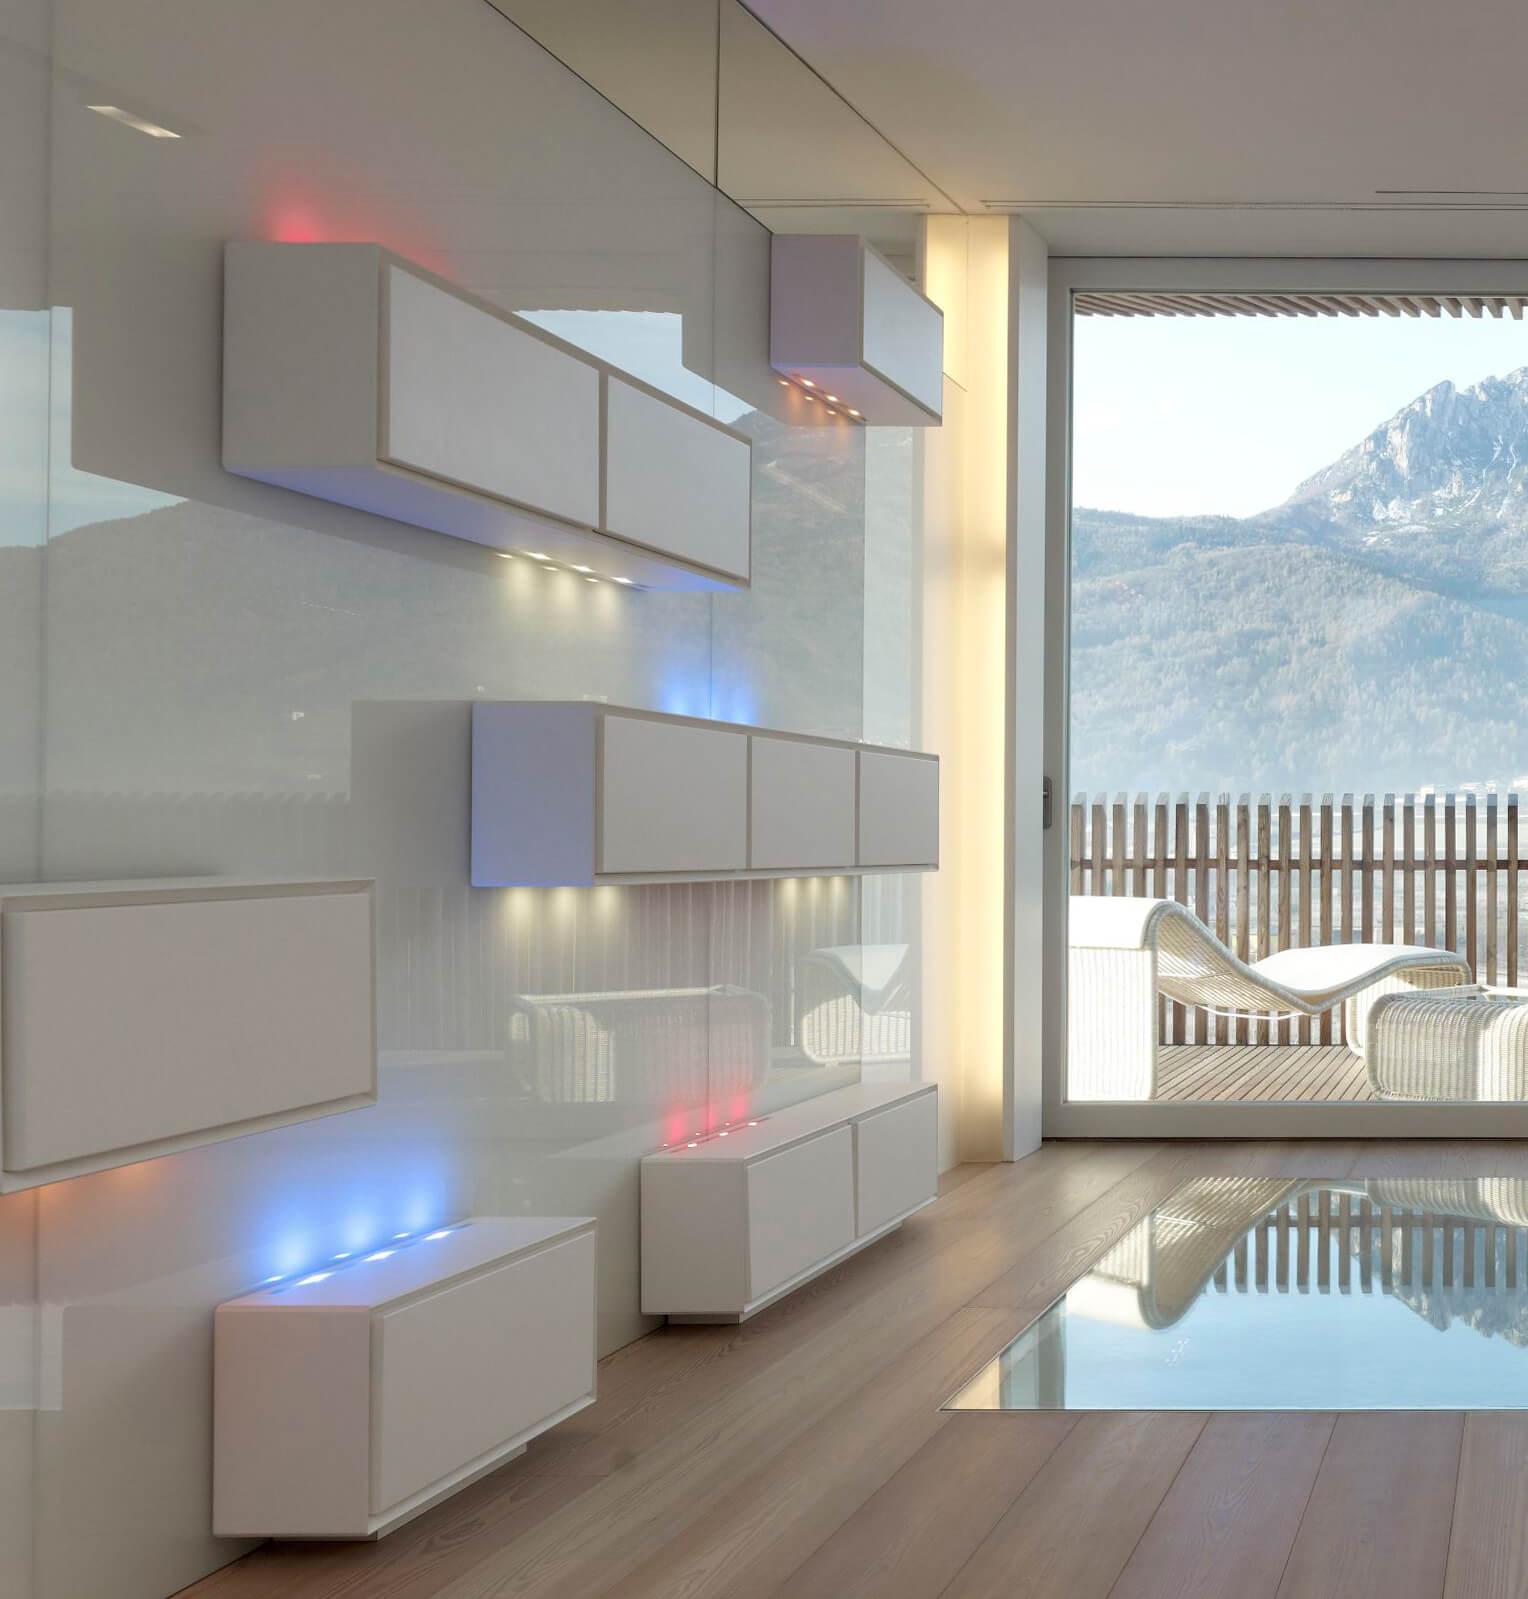 Illuminazione led soggiorno residenza privata brillamenti - Illuminazione led soggiorno ...